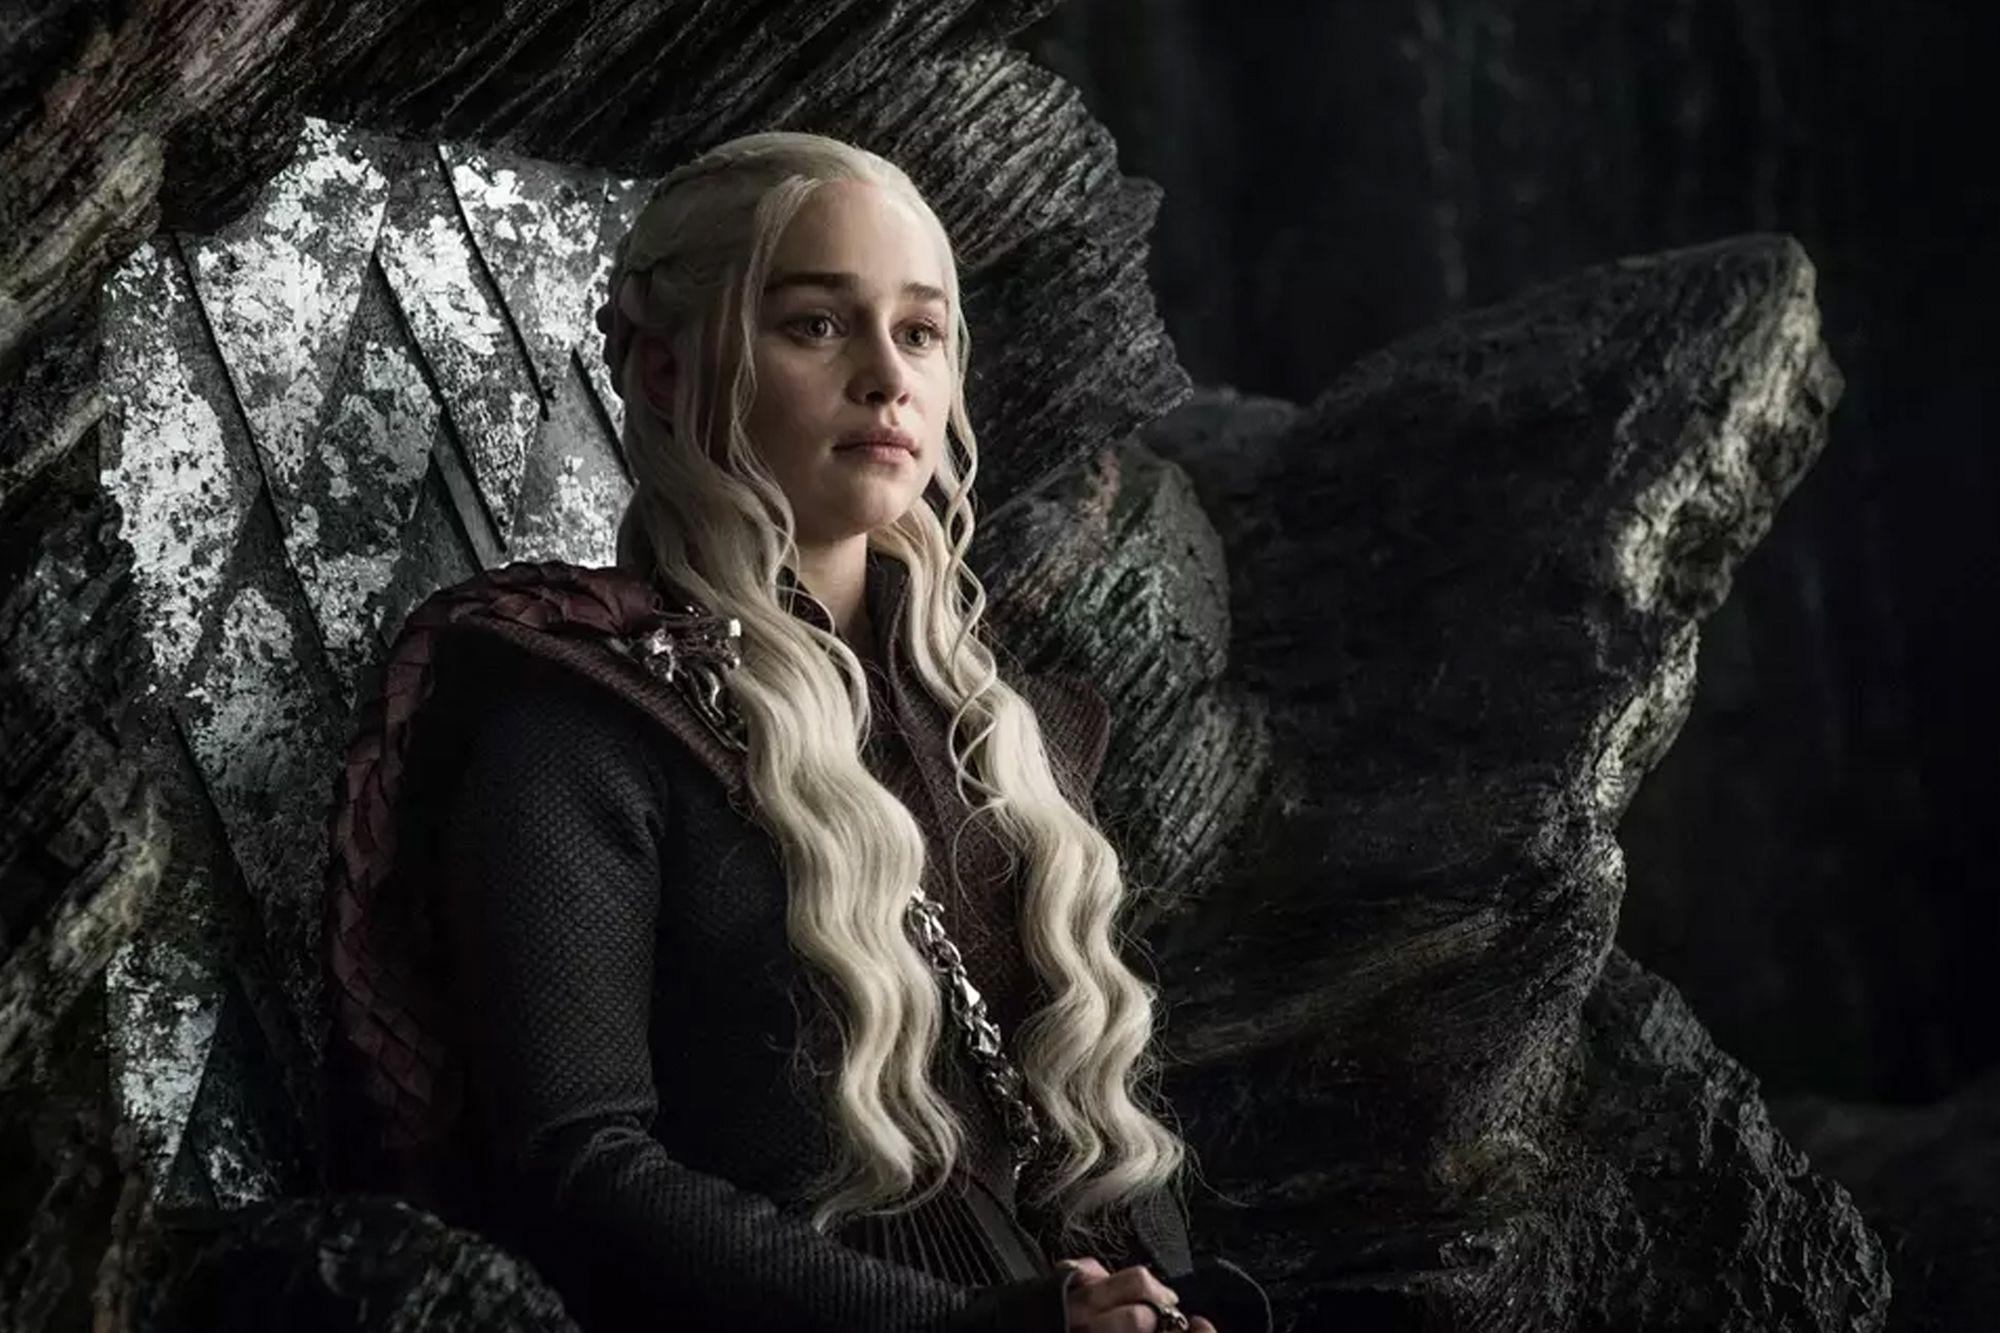 daenerys-targaryen-got-hbo-1521570076.jpg